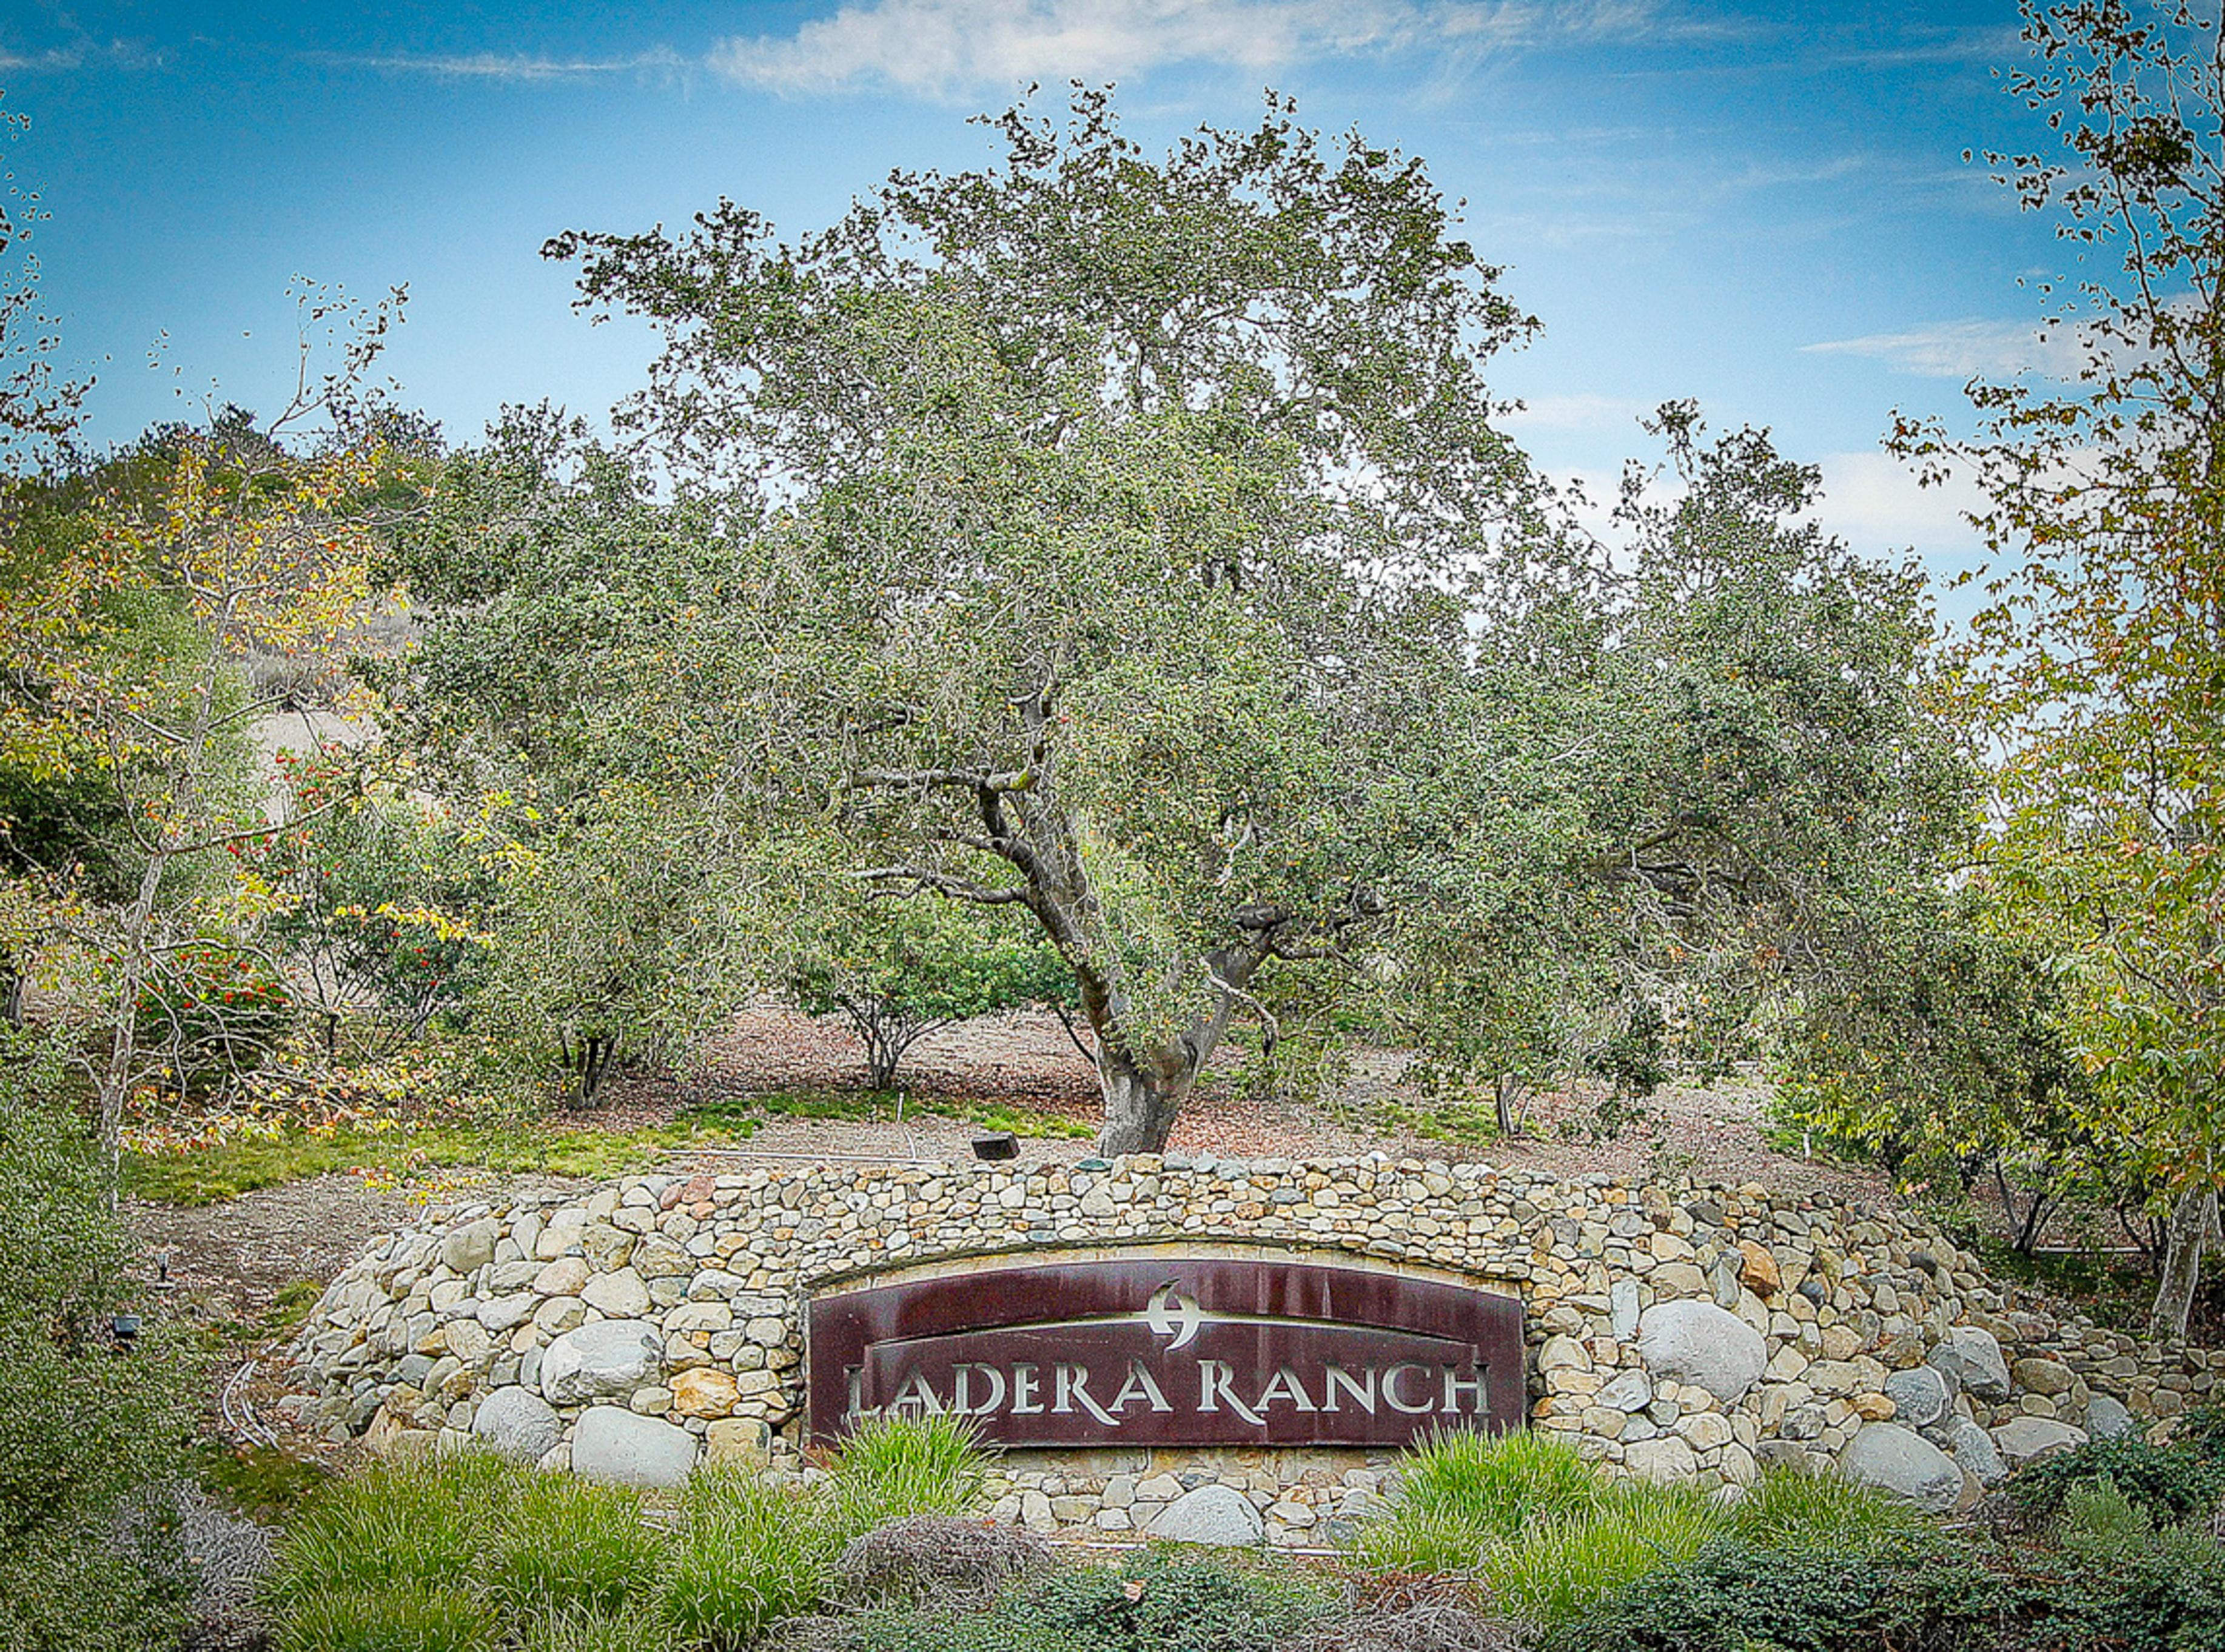 Ladera Ranch Sign